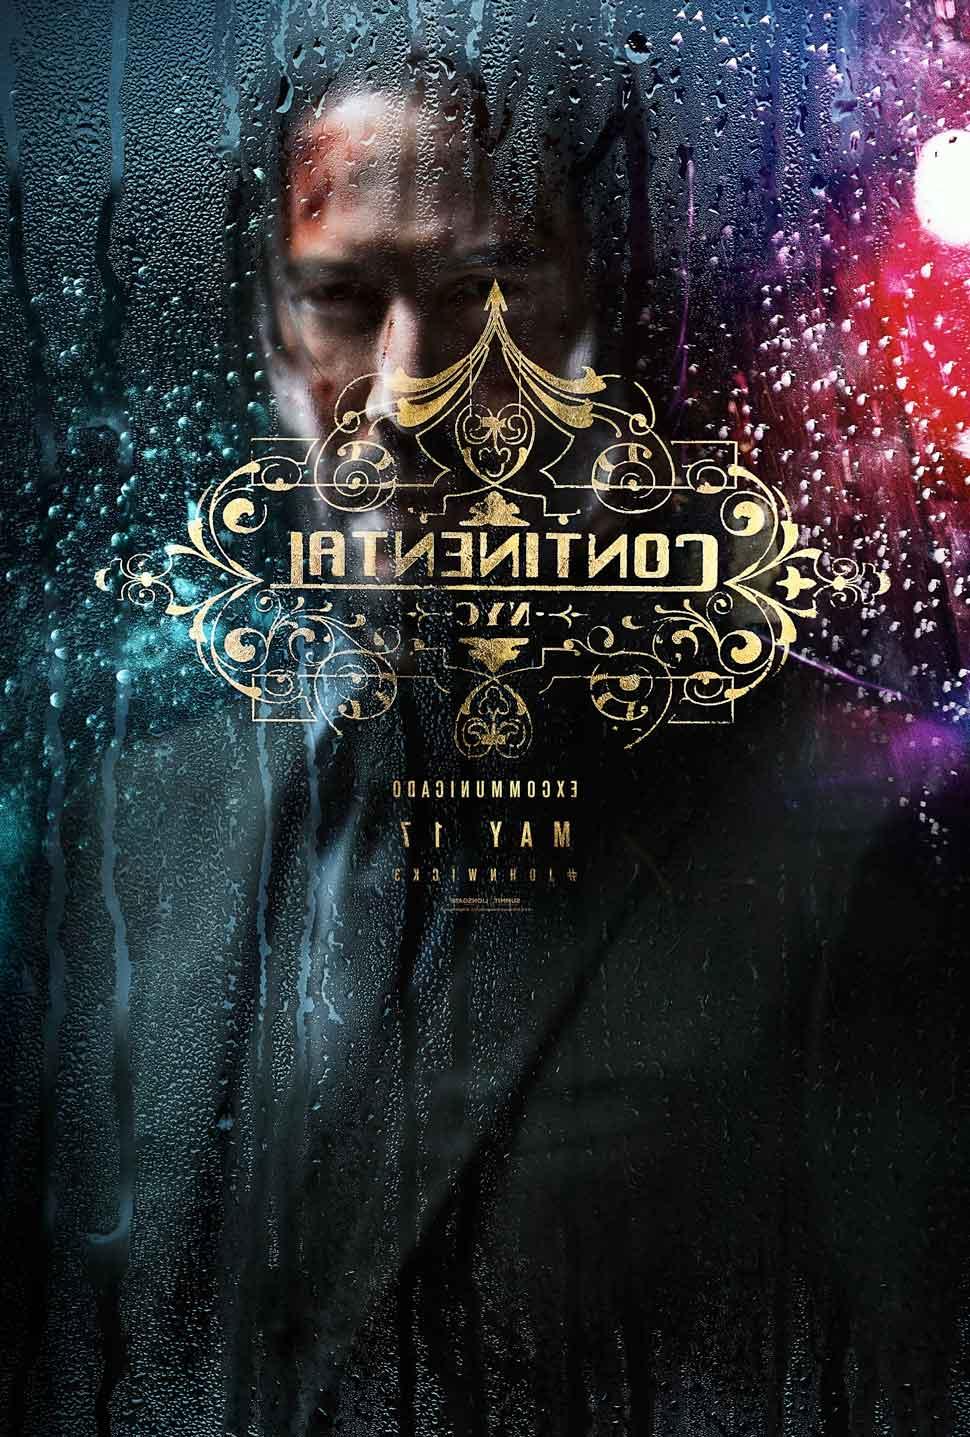 John Wick: Chapter 3 Parabellum teaser poster